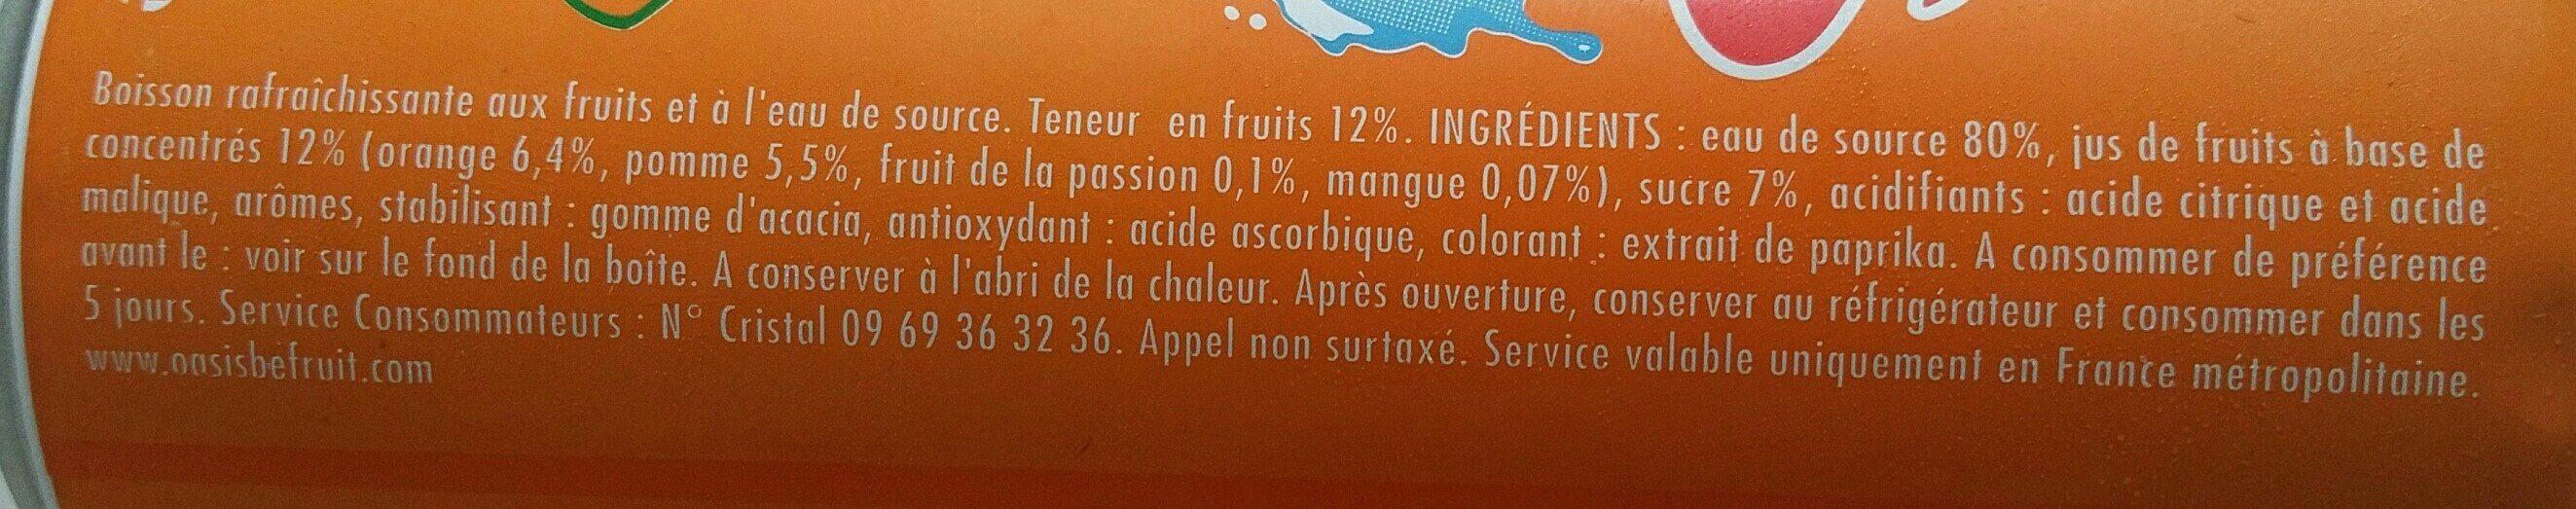 Oasis tropical - Ingrediënten - fr